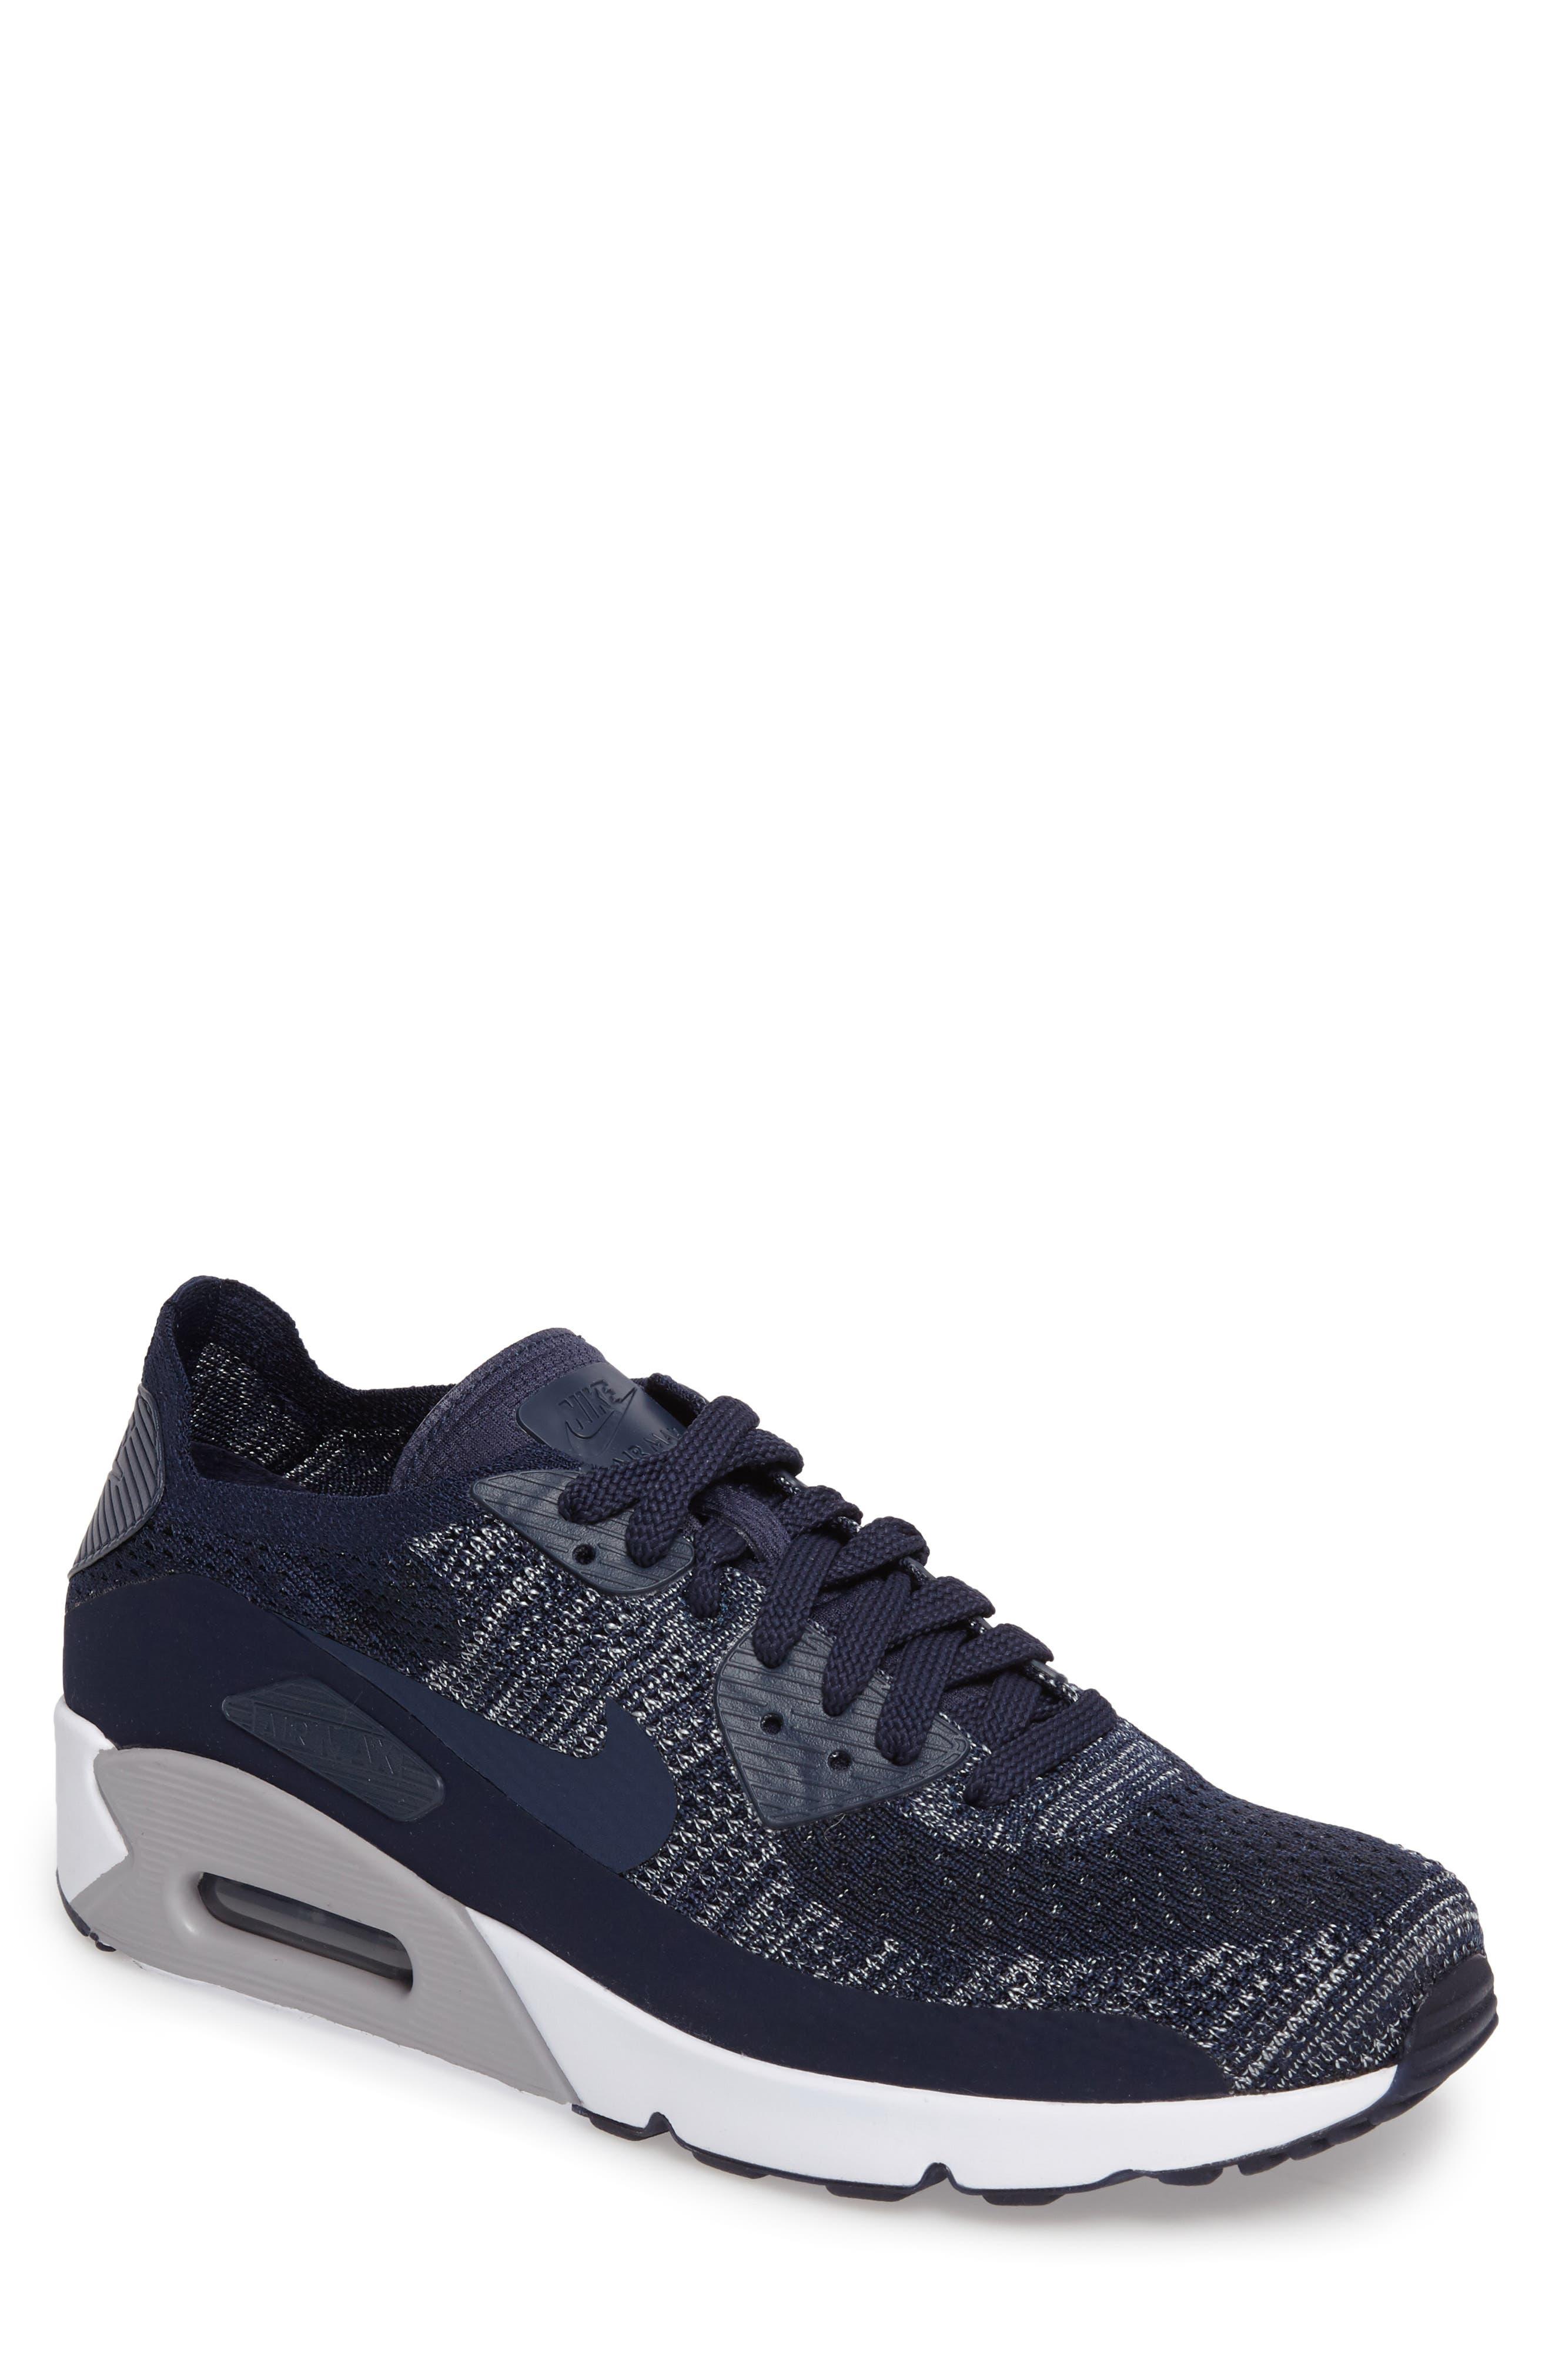 Air Max 90 Ultra 2.0 Flyknit Sneaker,                             Main thumbnail 1, color,                             Navy/ Navy/ Grey